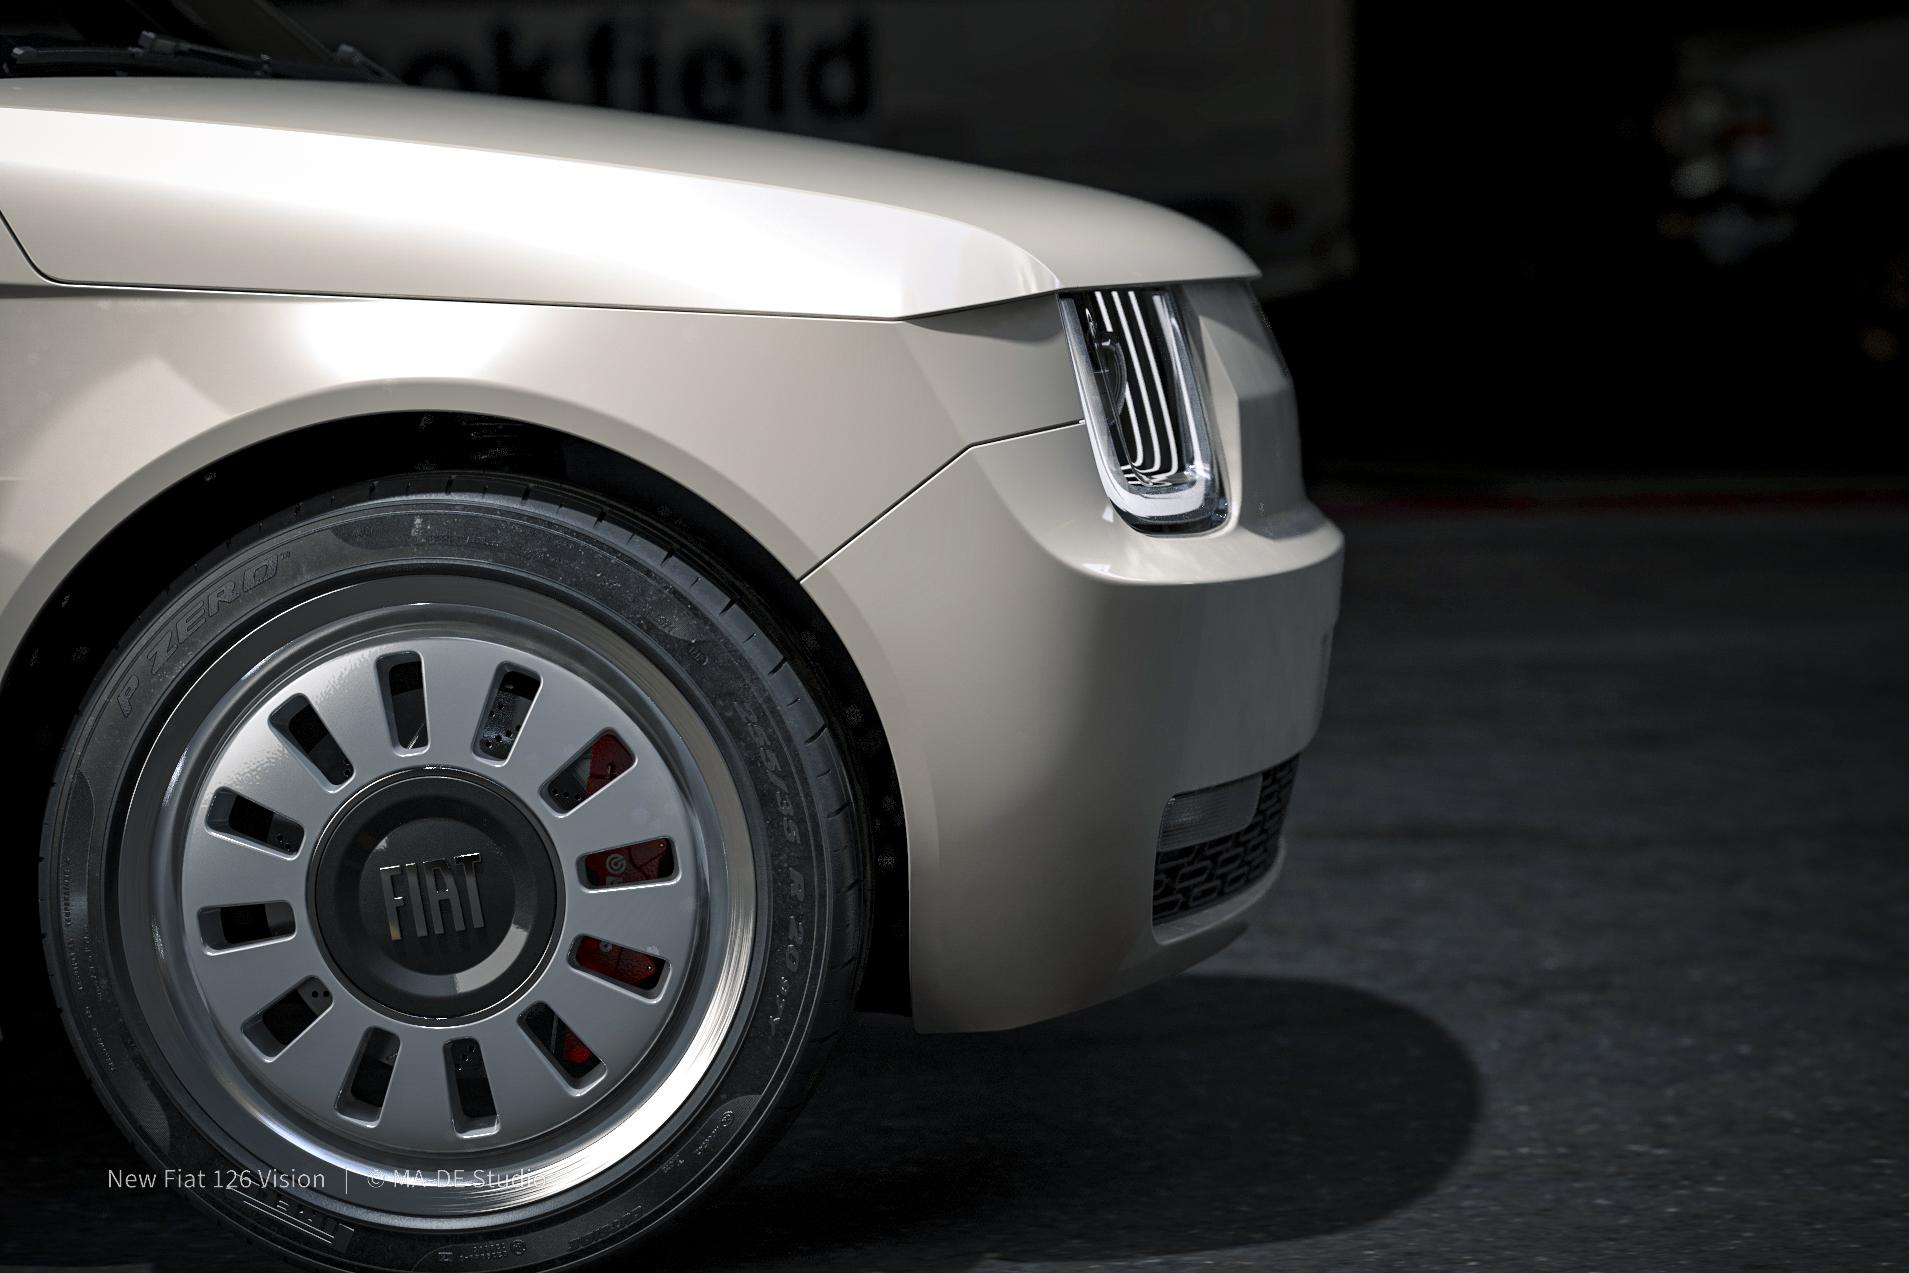 Fiat 126_NEW_DETAIL 001